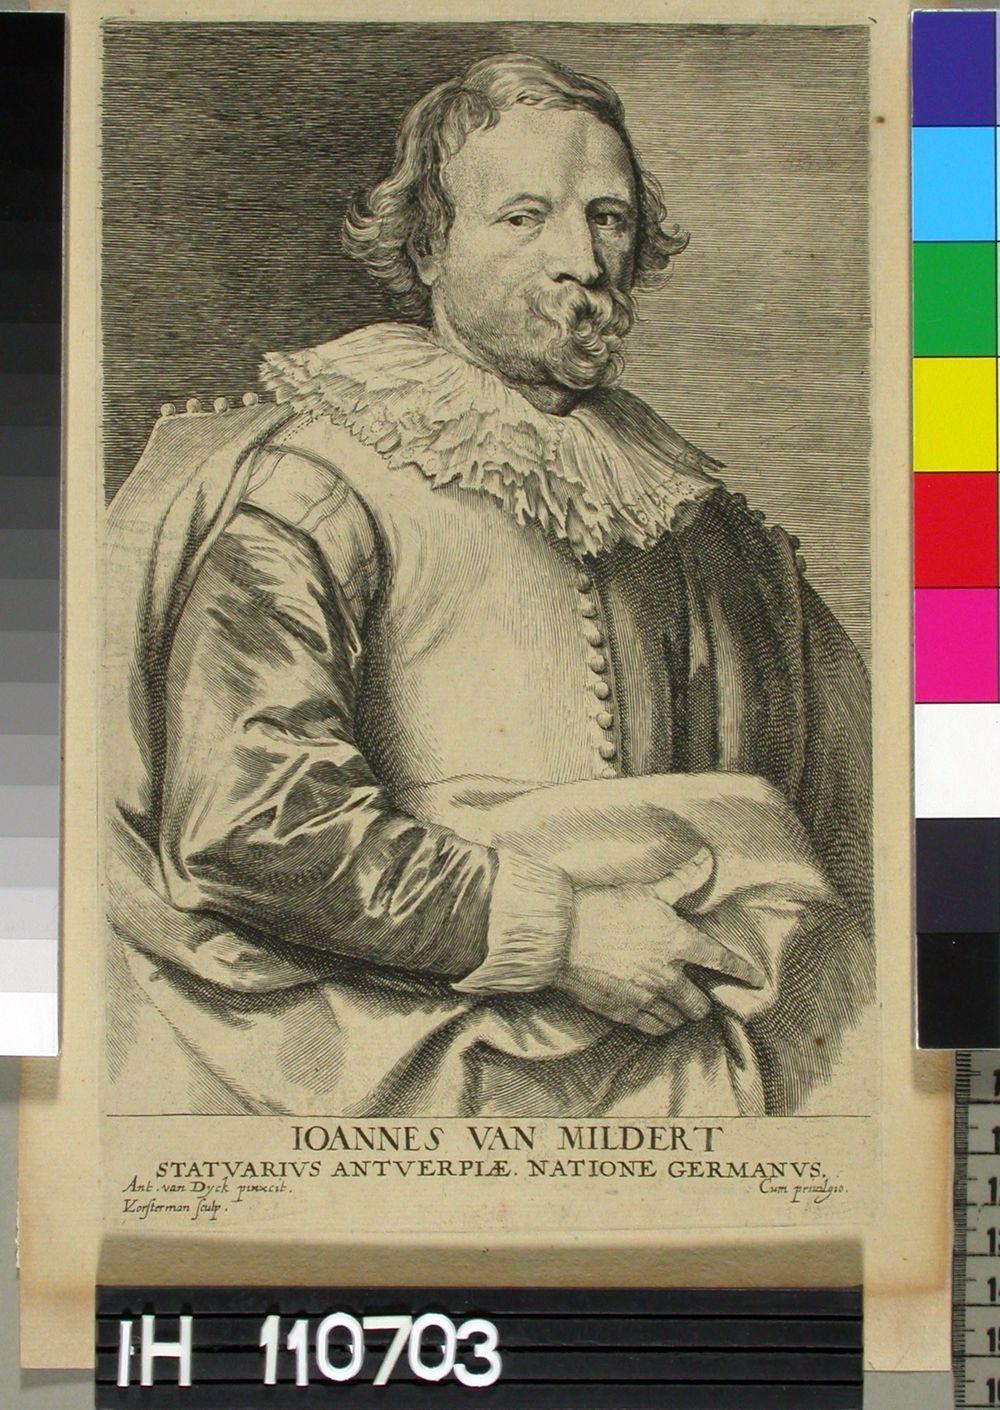 Jan van Milder